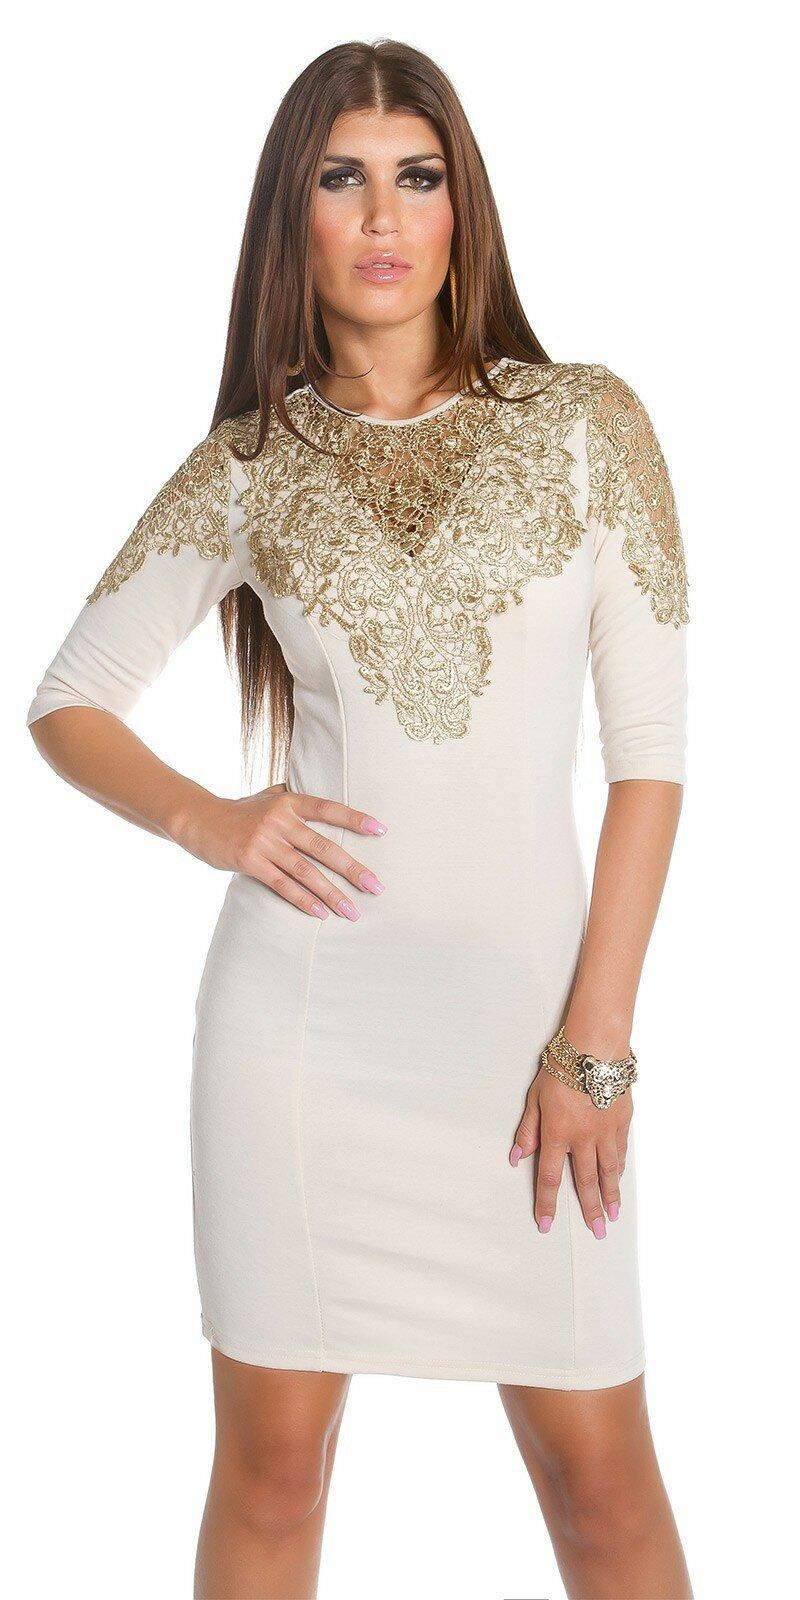 87b4bb5457d4 Dámske Štýlové šaty so zlatou čipkou  Veľkosť S Farba Béžová